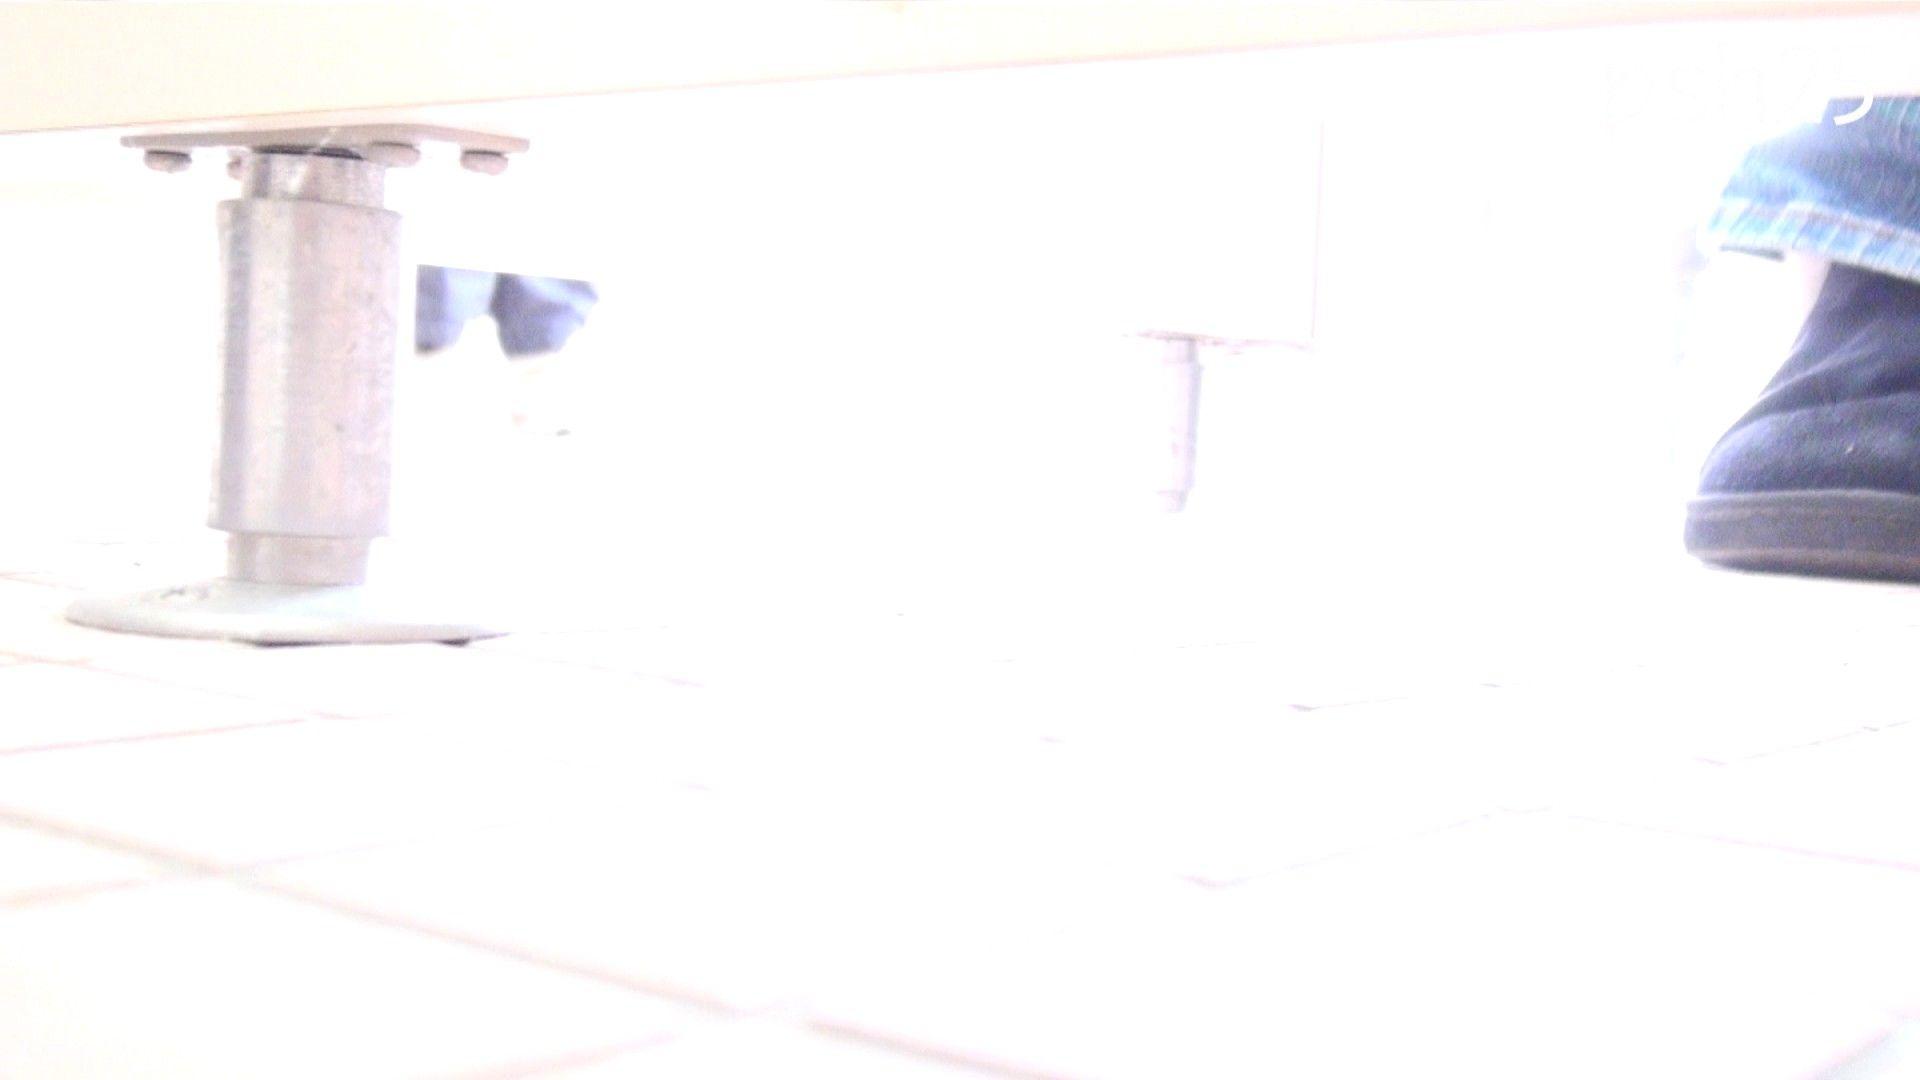 ▲復活限定▲ハイビジョン 盗神伝 Vol.25 高評価 ワレメ無修正動画無料 98枚 98